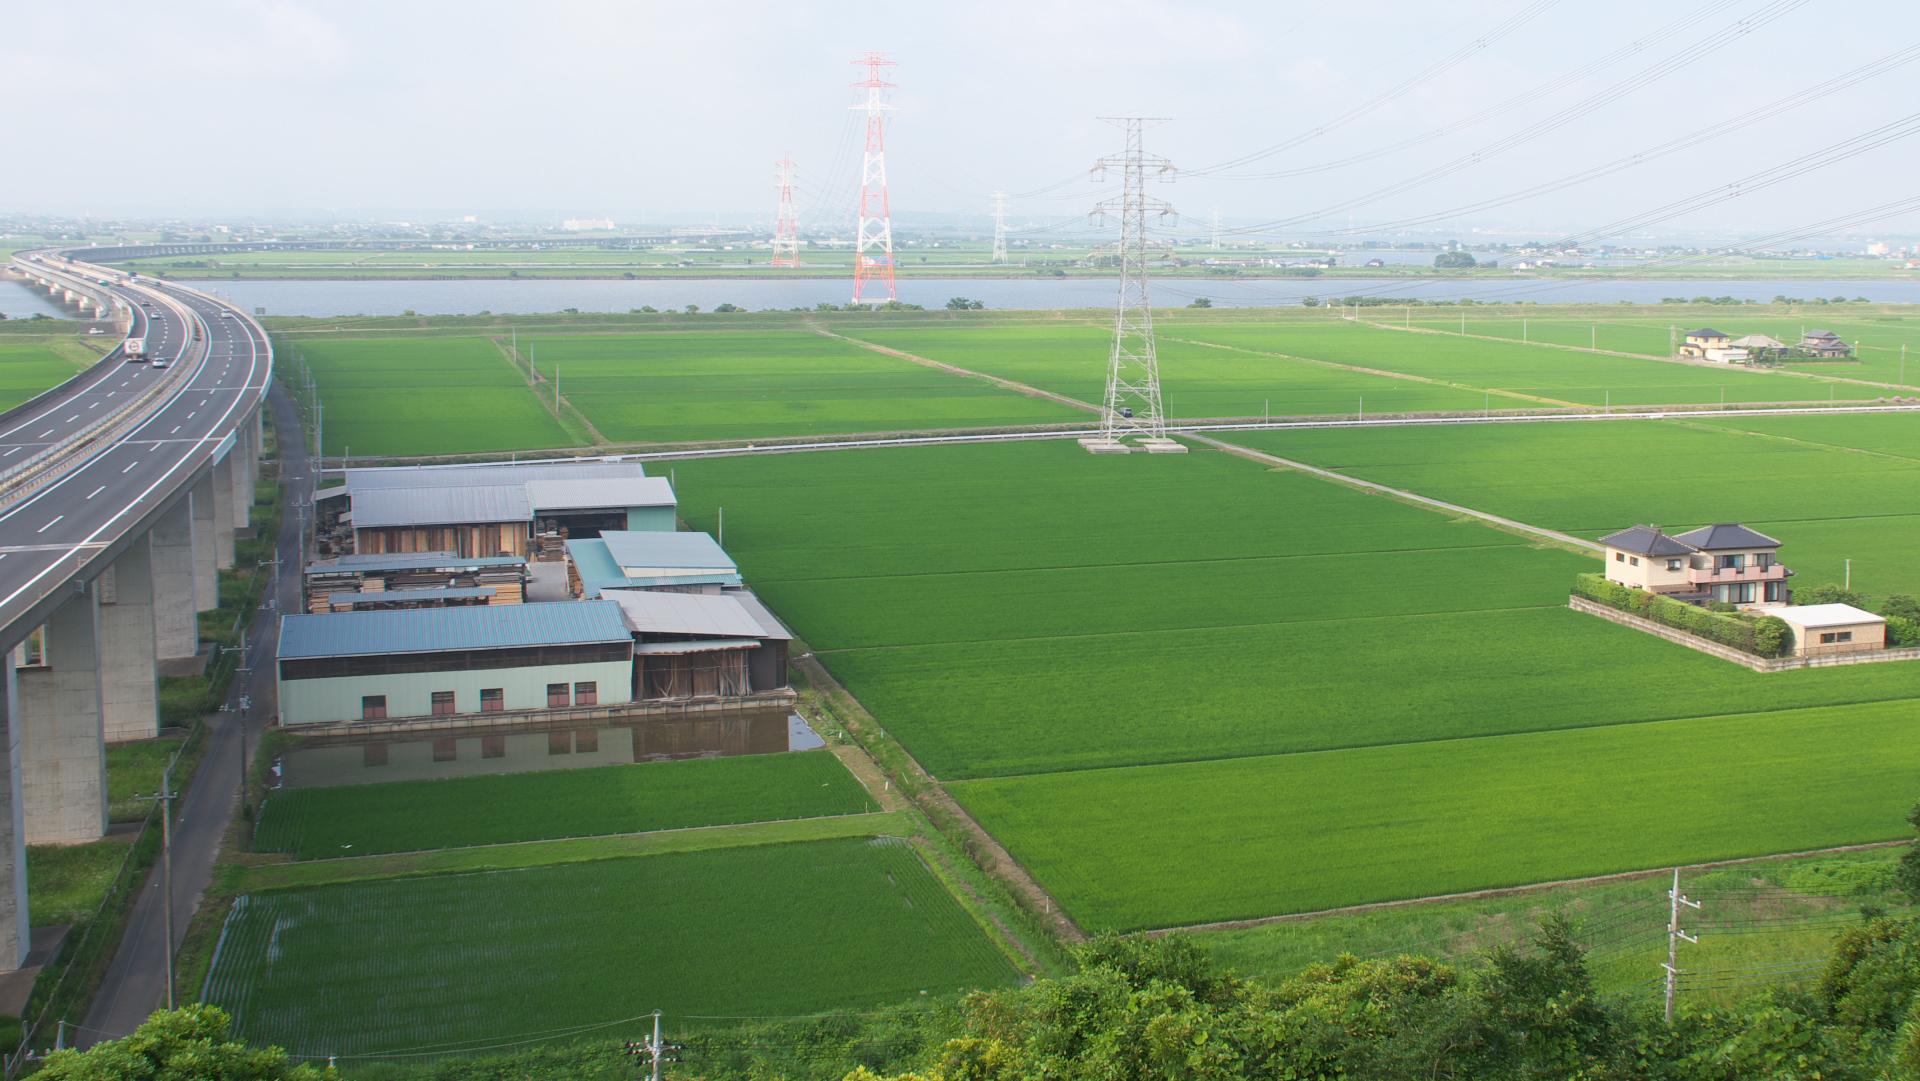 利根川、霞ヶ浦流域の田園風景